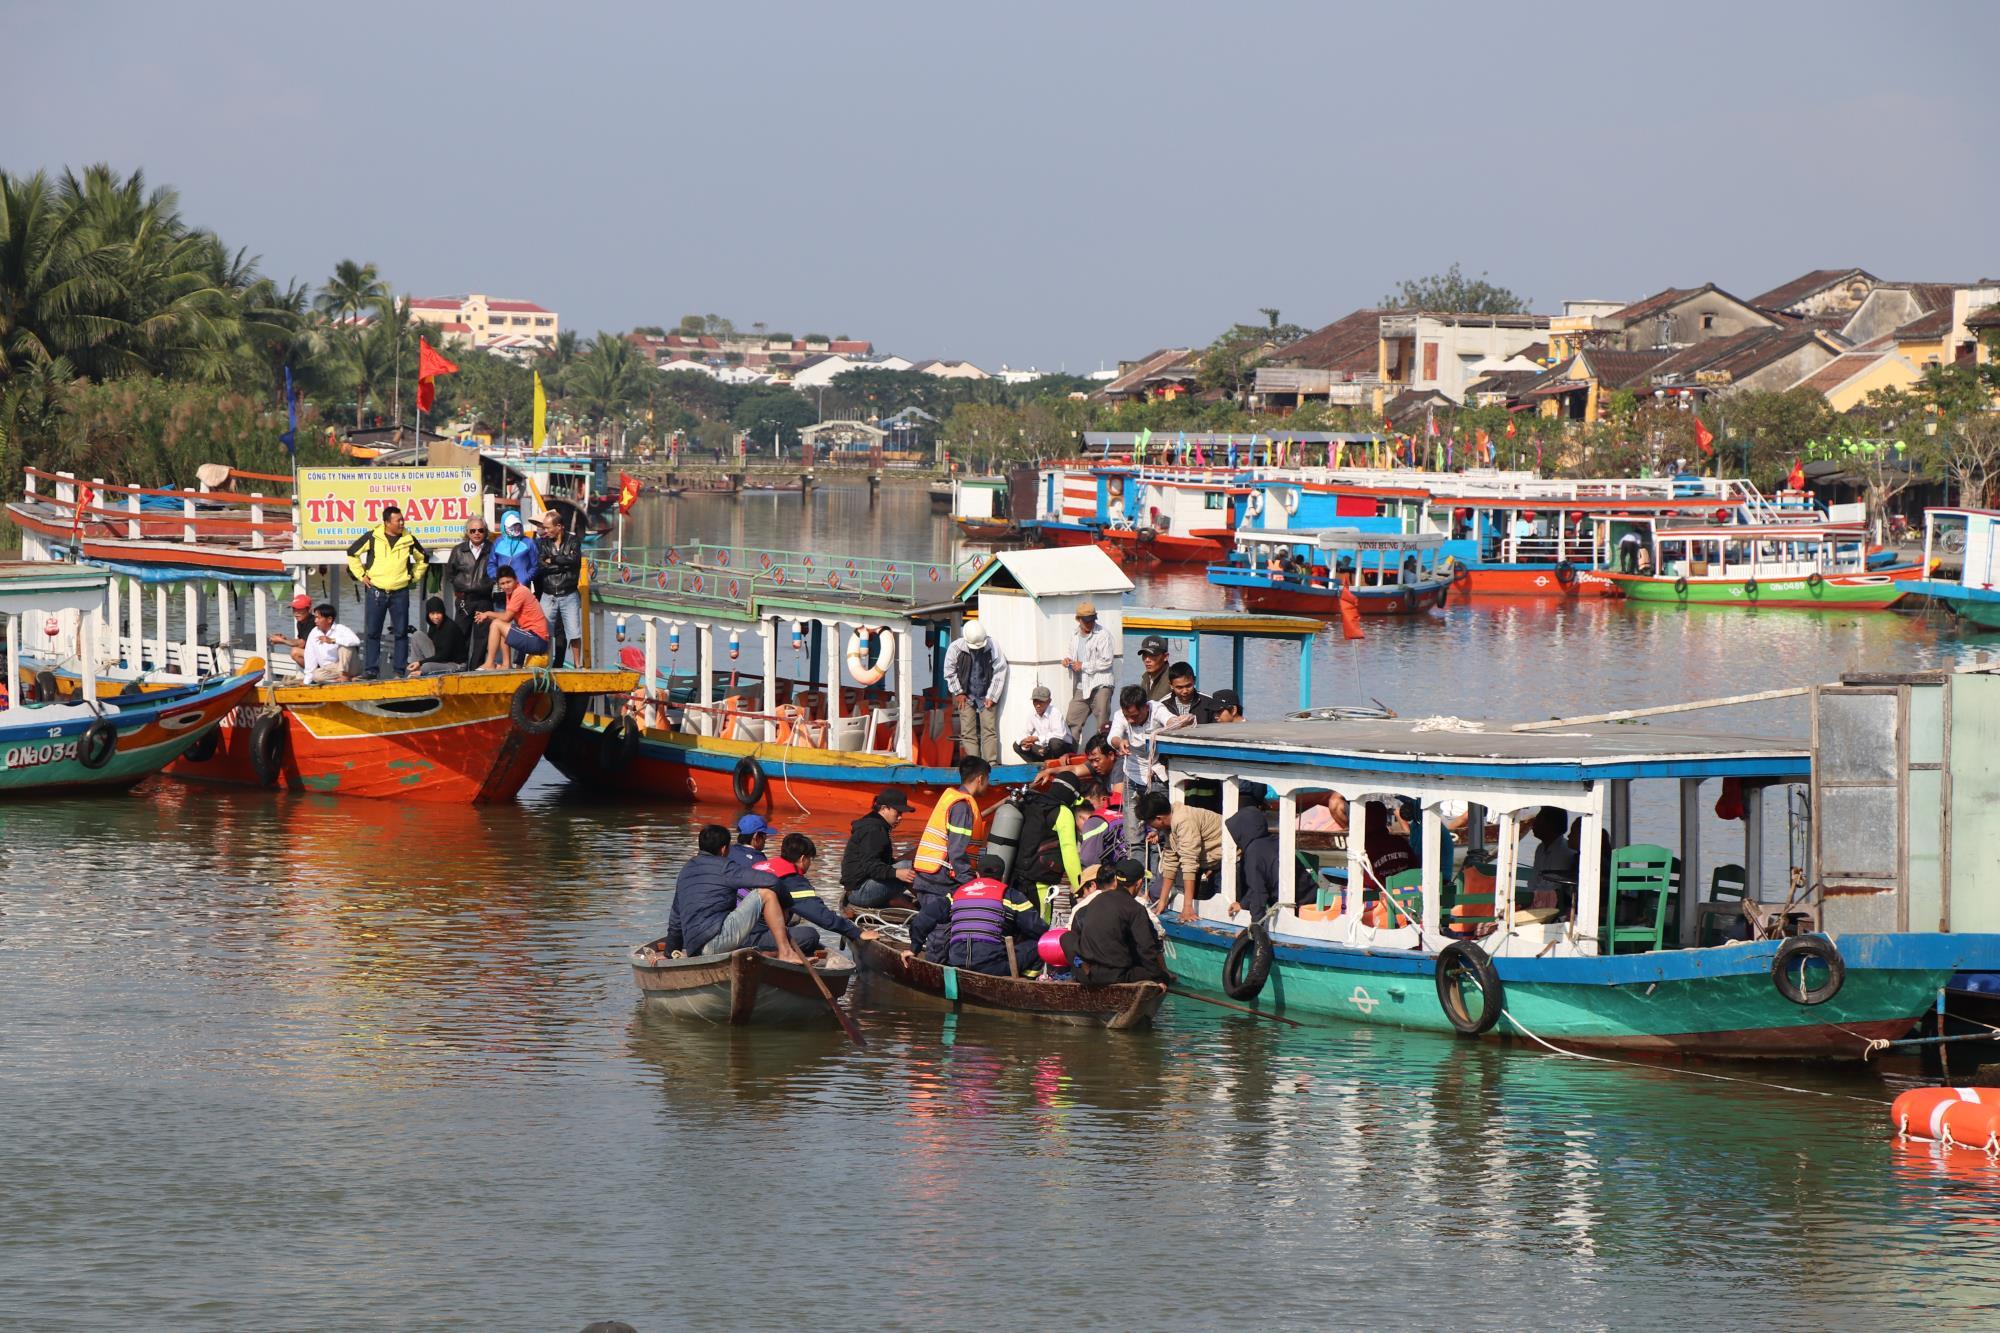 Hàng trăm người xót xa khi tìm thấy thi thể bé trai 6 tuổi mắc kẹt trong chiếc ô tô lao xuống sông Hoài - Ảnh 1